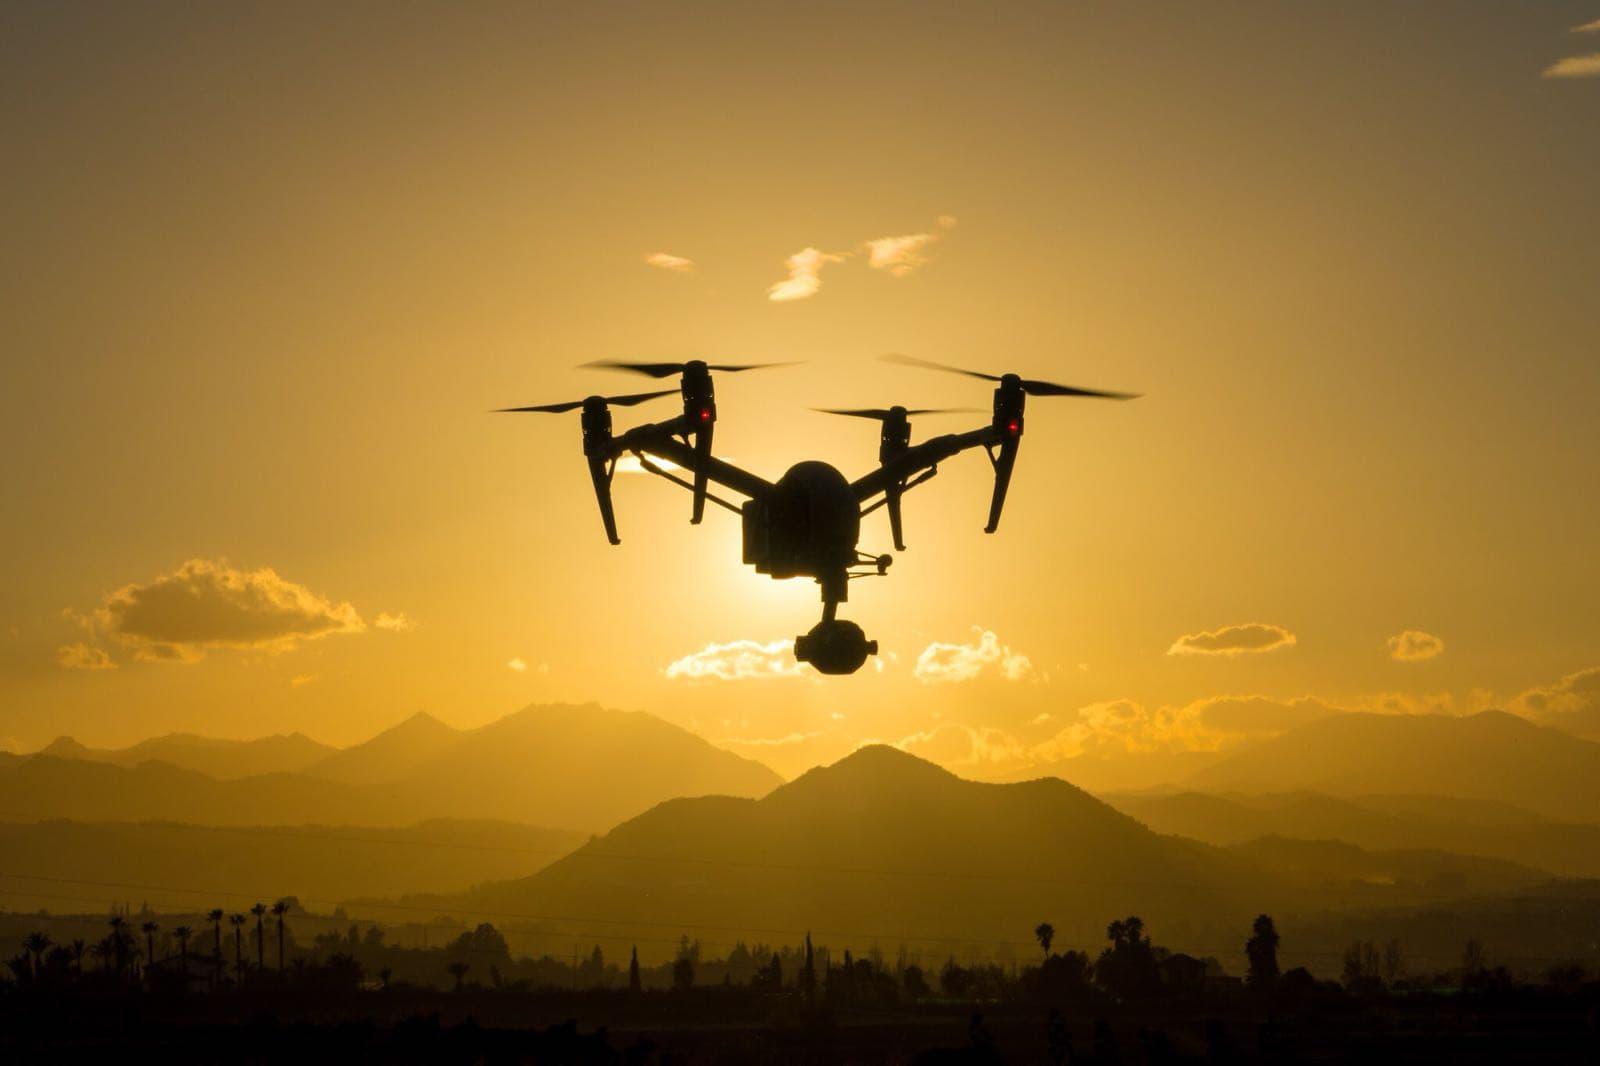 drone dji inspire 2 volando al atardecer en un cielo despejado